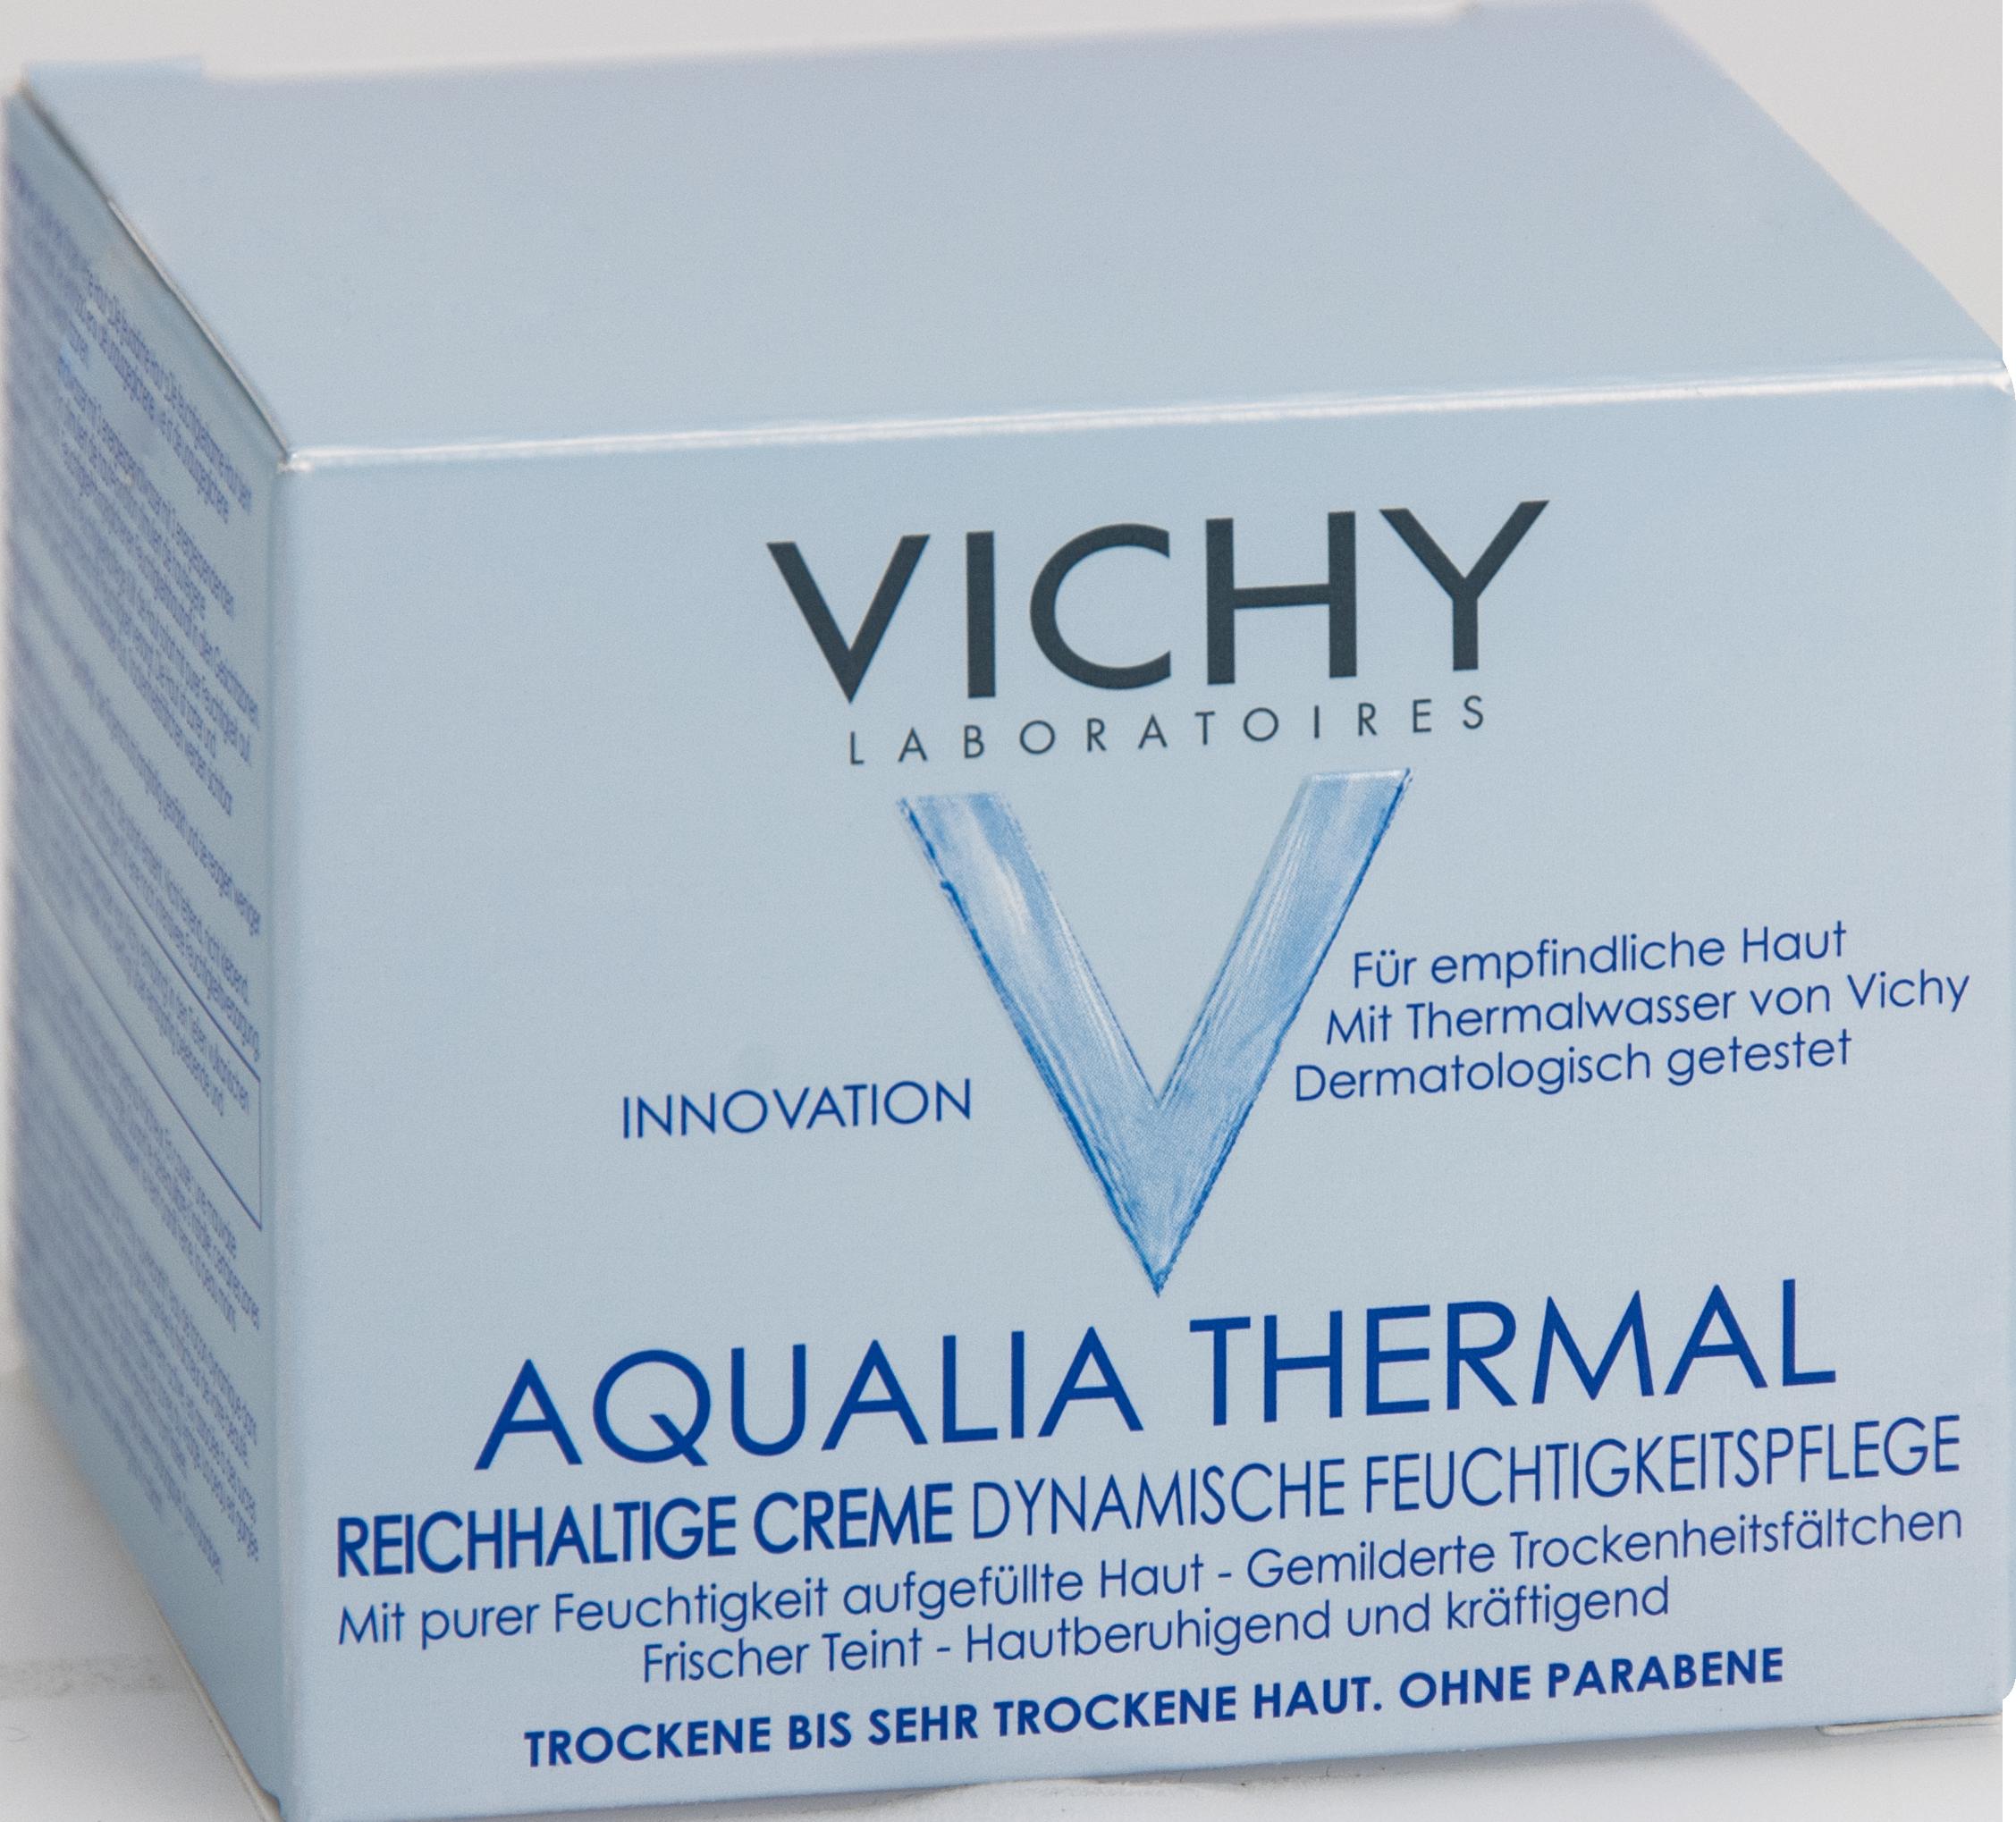 VICHY Aqualia Thermal Dynam. Pflege Reichh.